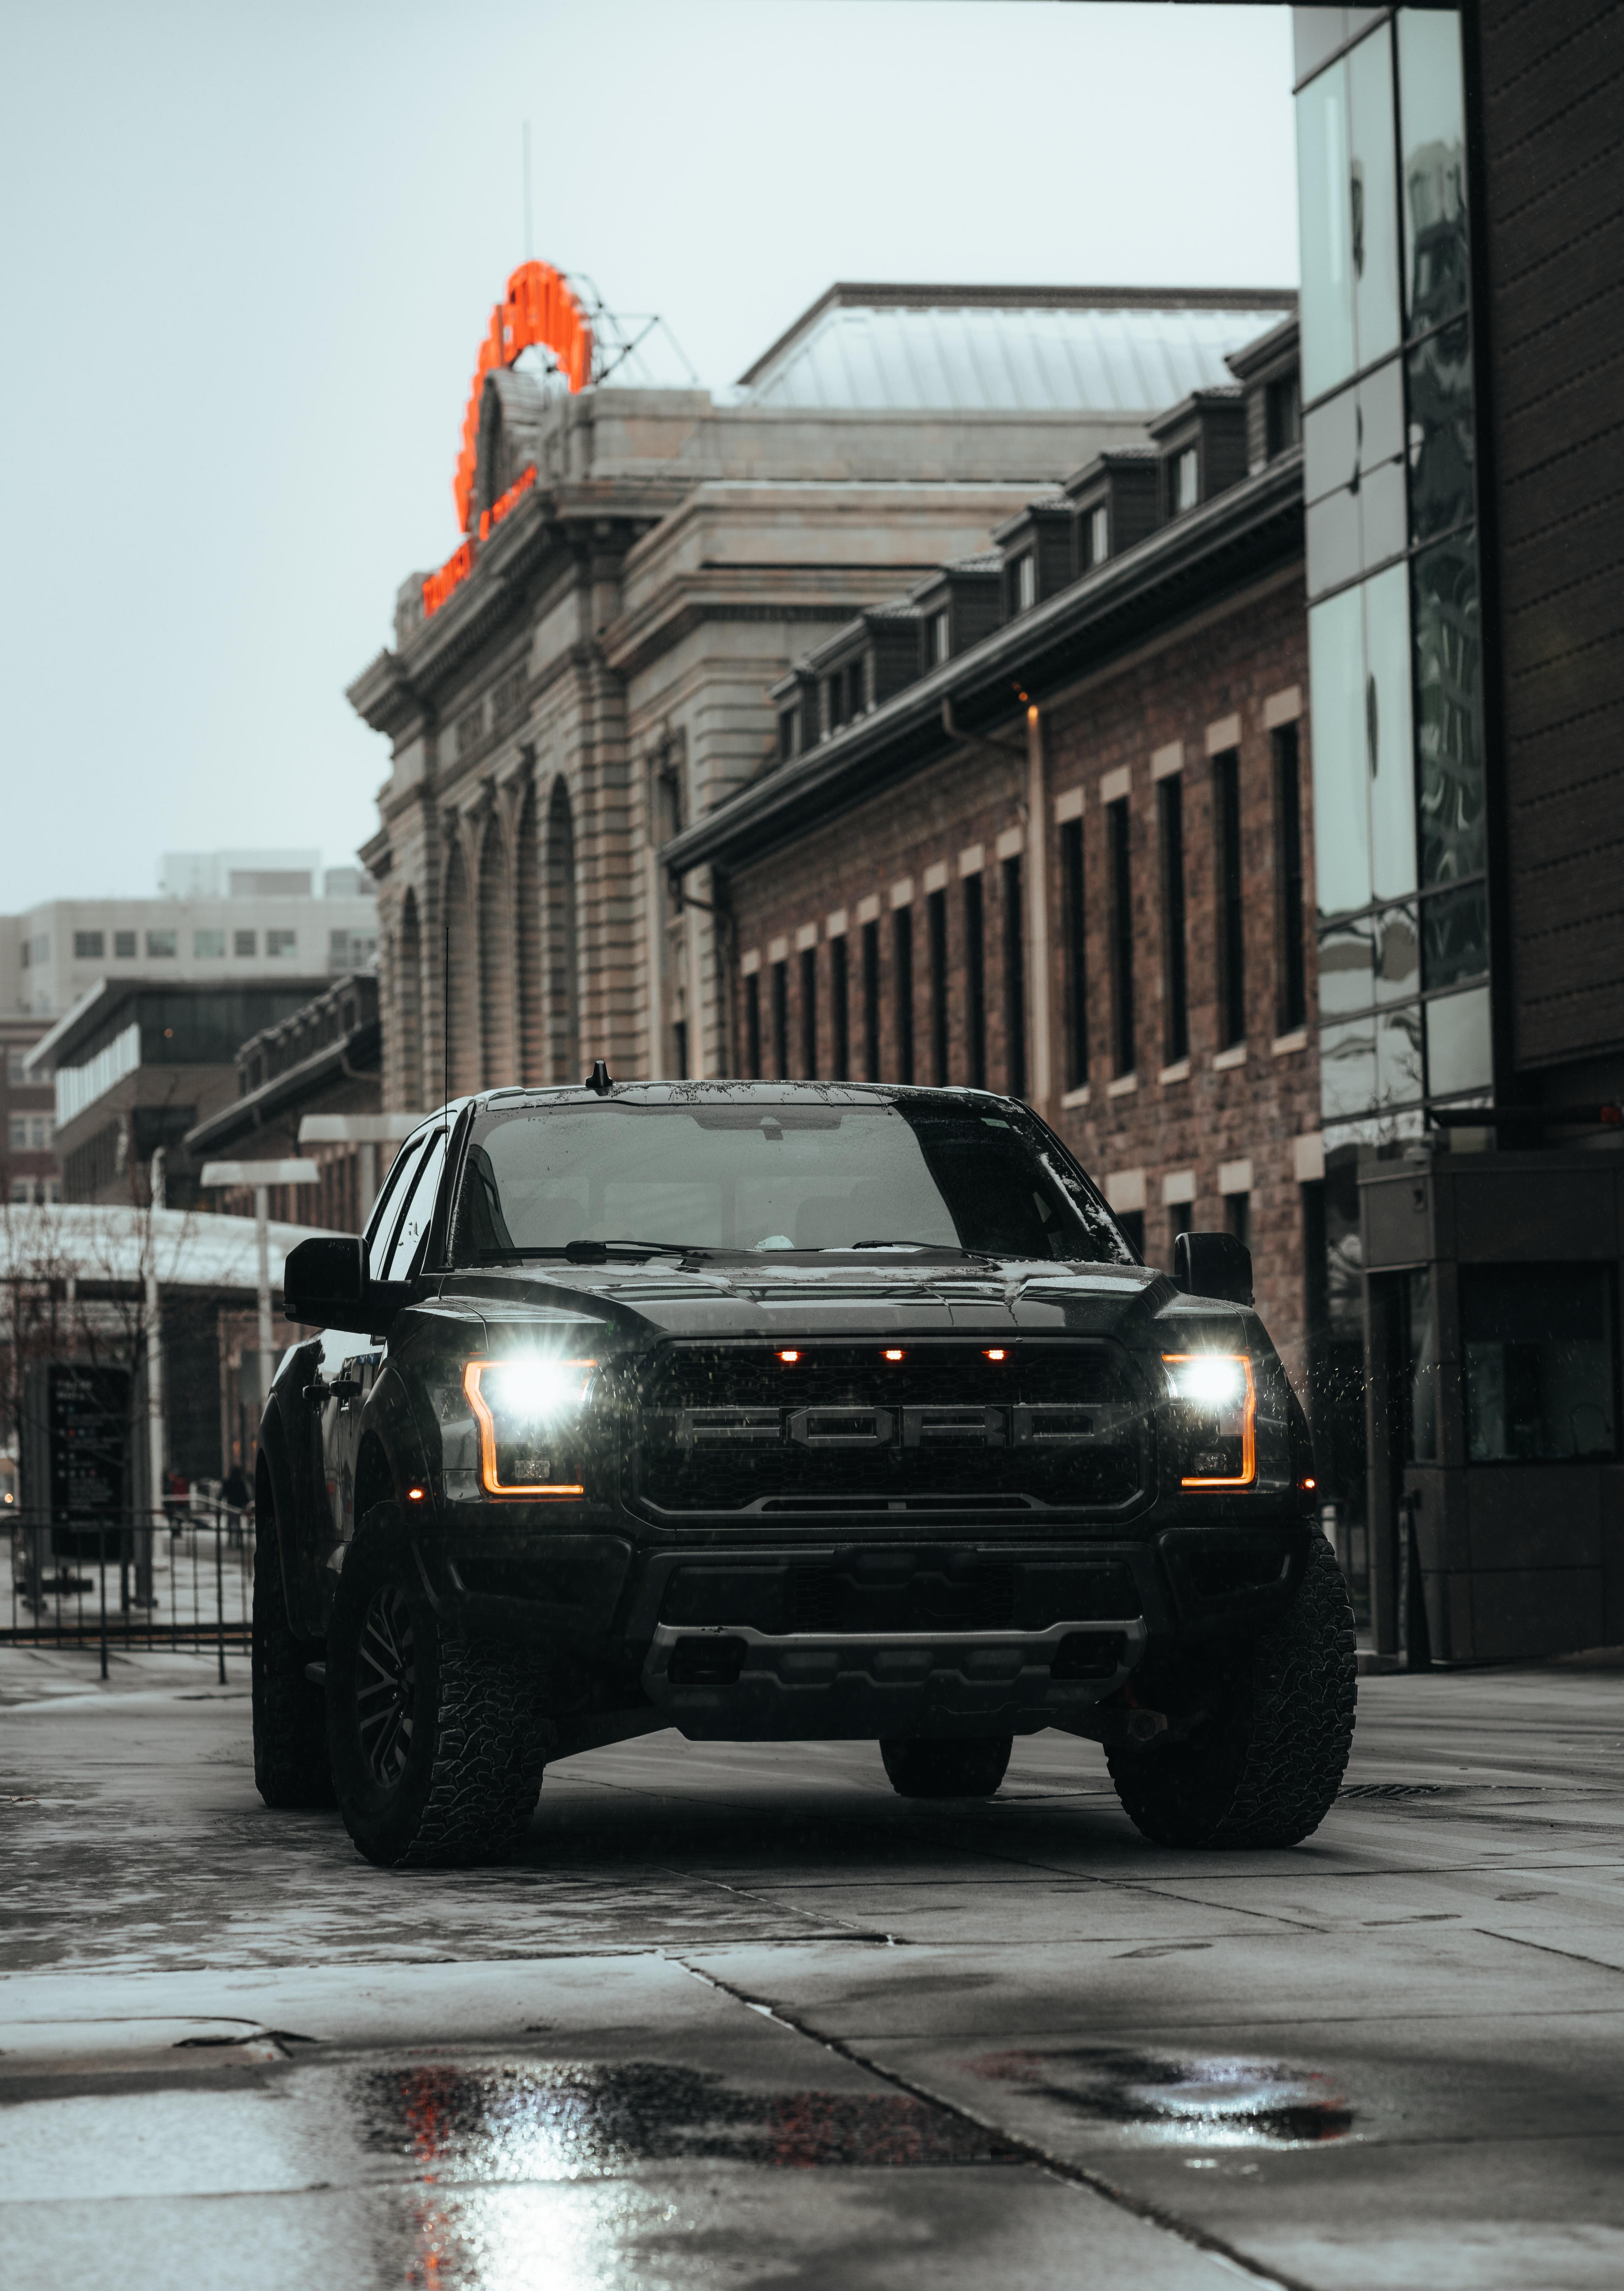 92318 Hintergrundbild herunterladen Ford, Auto, Cars, Straße, Wagen, Das Schwarze, Suv, Ford-Raptor, Ford Raptor - Bildschirmschoner und Bilder kostenlos